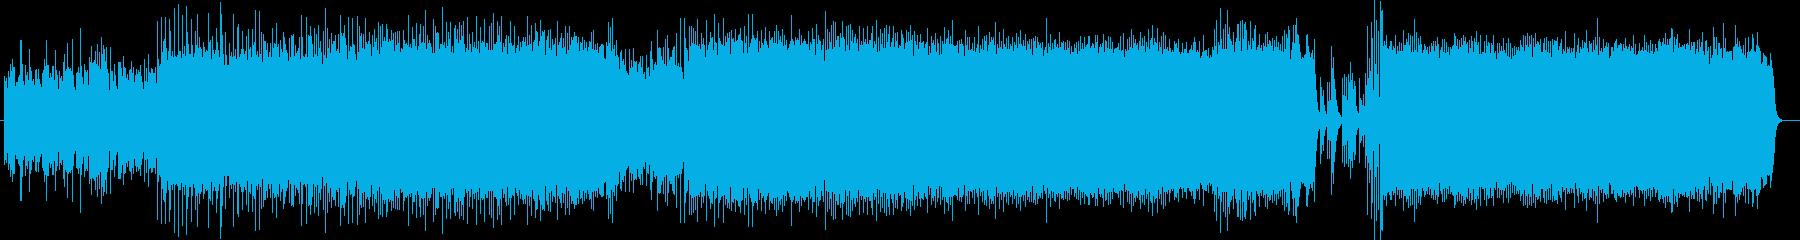 ハープの優しいメロディの穏やかなバラードの再生済みの波形